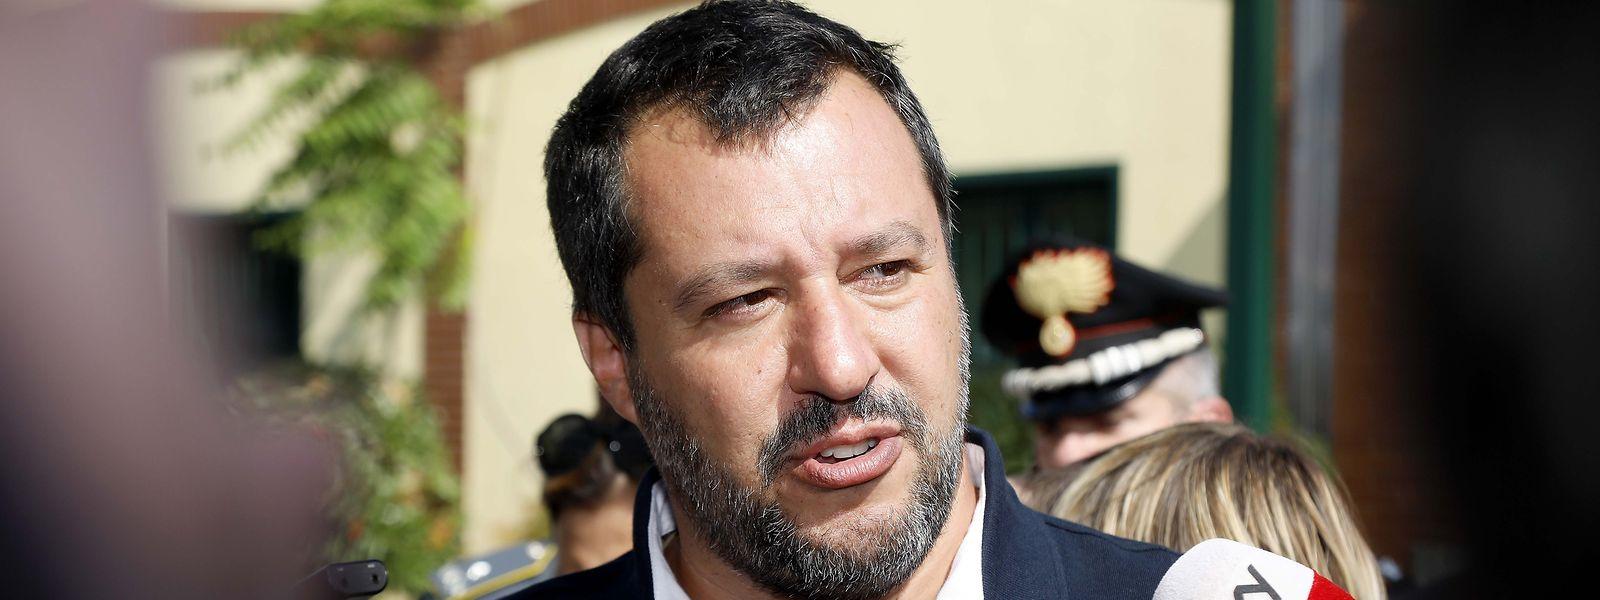 Le ministre de l'Intérieur italien, Matteo Salvini, a encore joué une partie de bras de fer avec ses partenaires européens